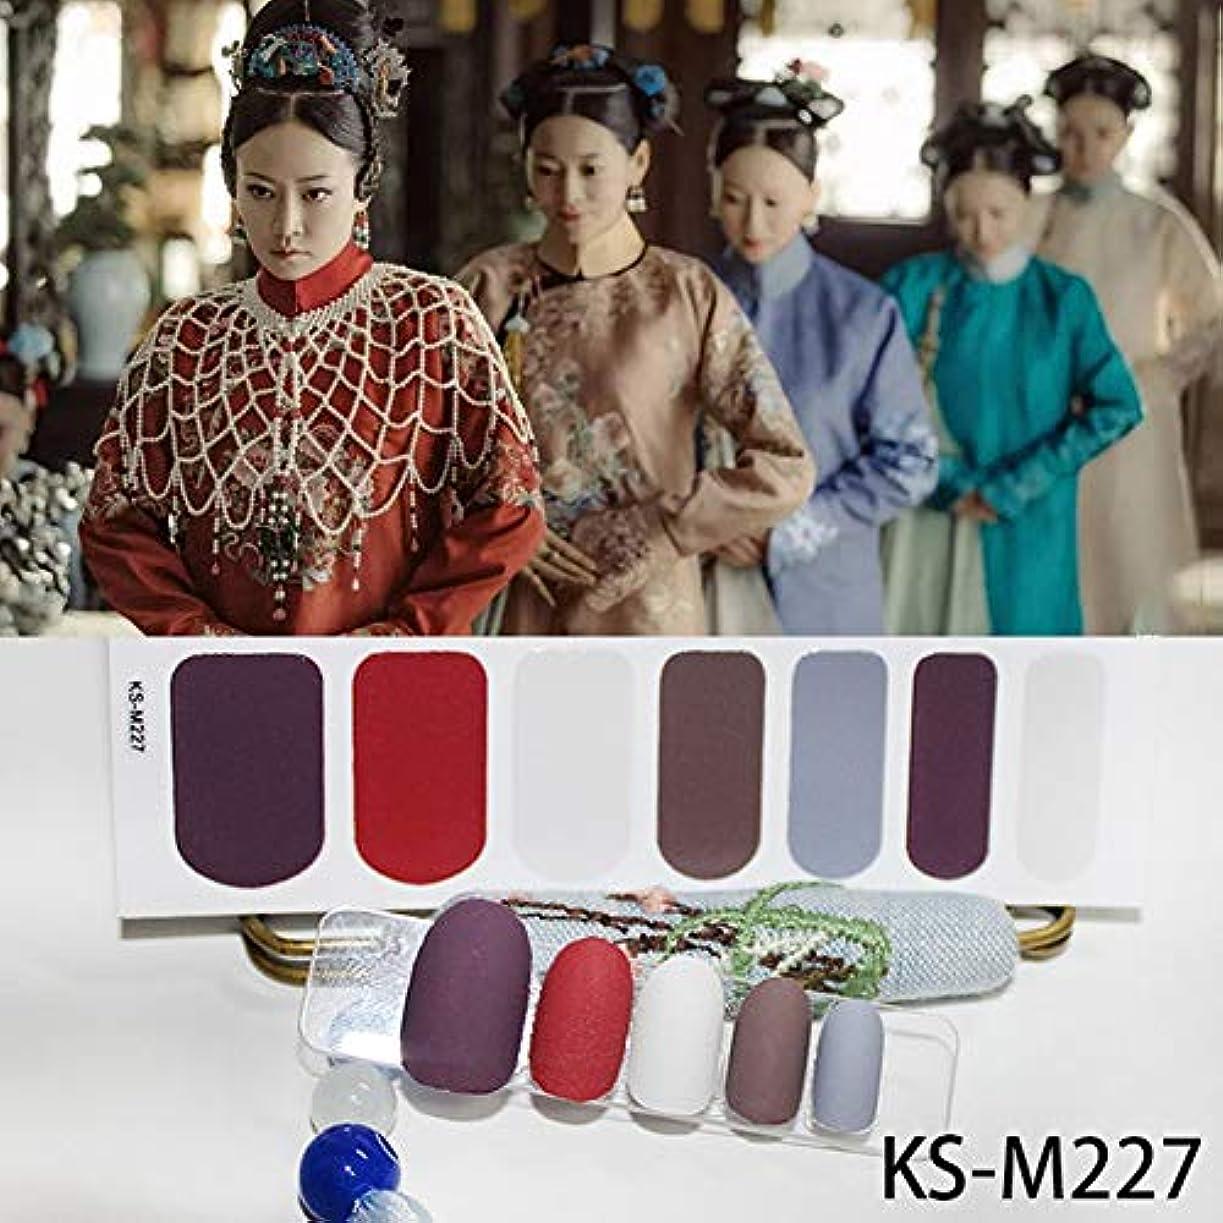 奨励します引き付ける有用Murakush ネイルステッカー ネイルツール モランディシリーズ マット ソフトカラー ソリッドカラー ネイルアート ペースター 女性 ネイル 美容アクセサリー KS-M227 素片